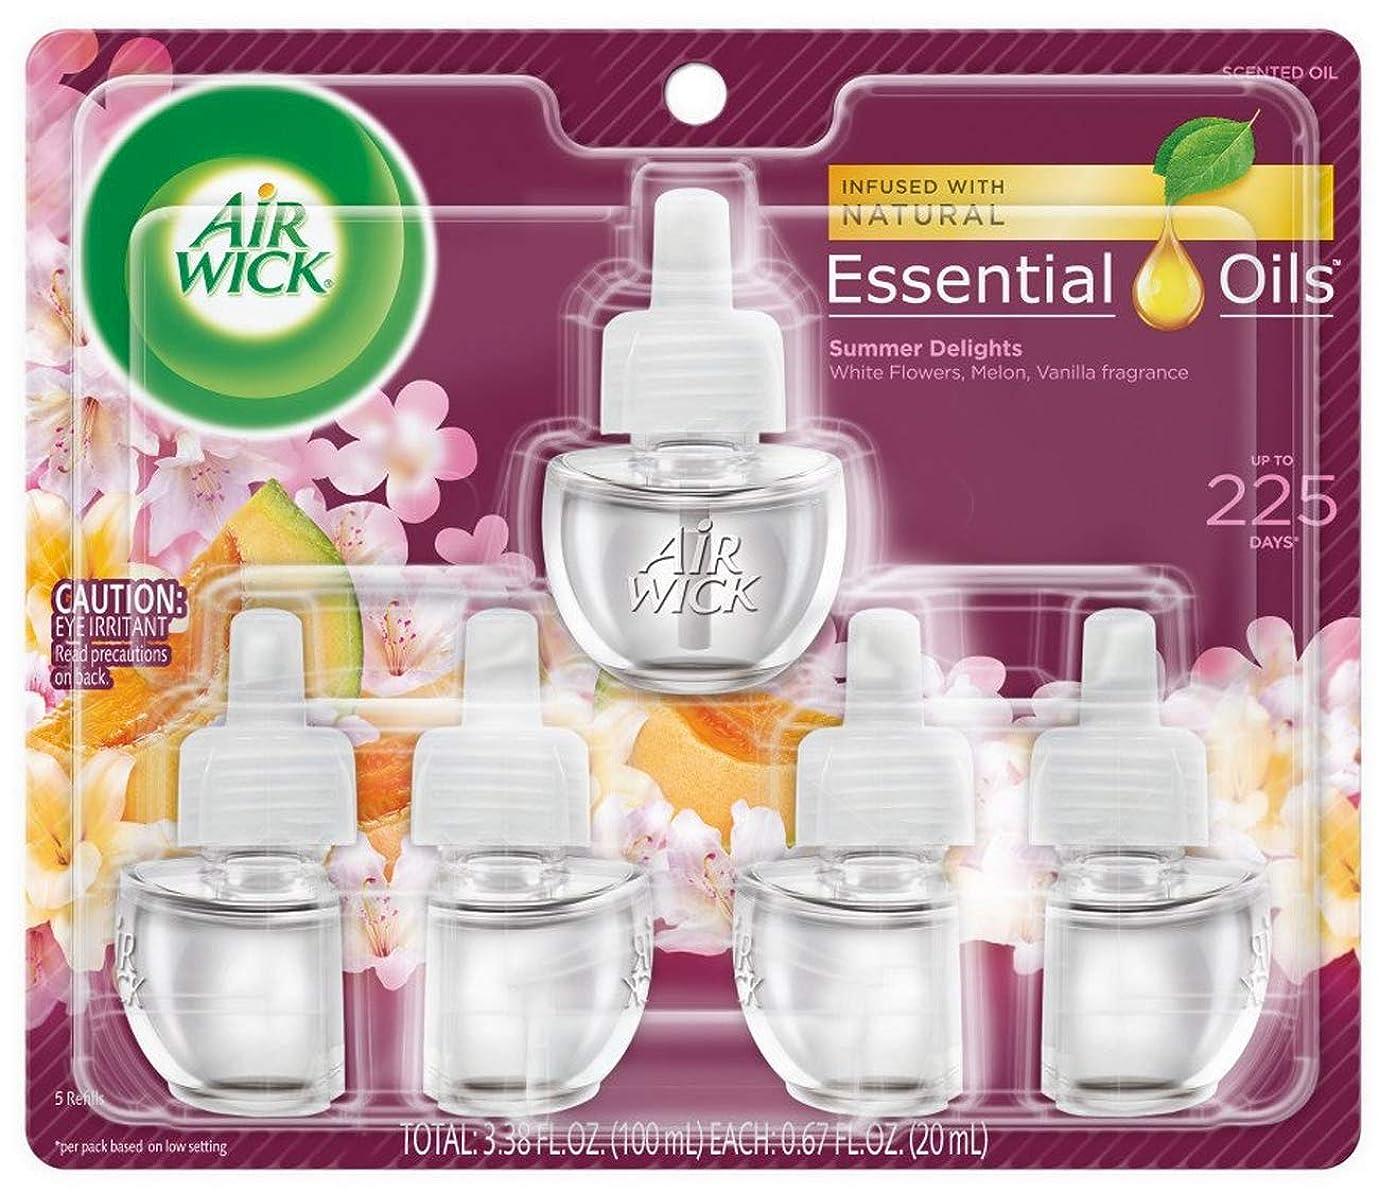 心から渇き流エアーウィック オイル プラグイン 詰替ボトル フレグランス 芳香剤 サマーデライト 20ml 5個セット Air Wick 海外直送